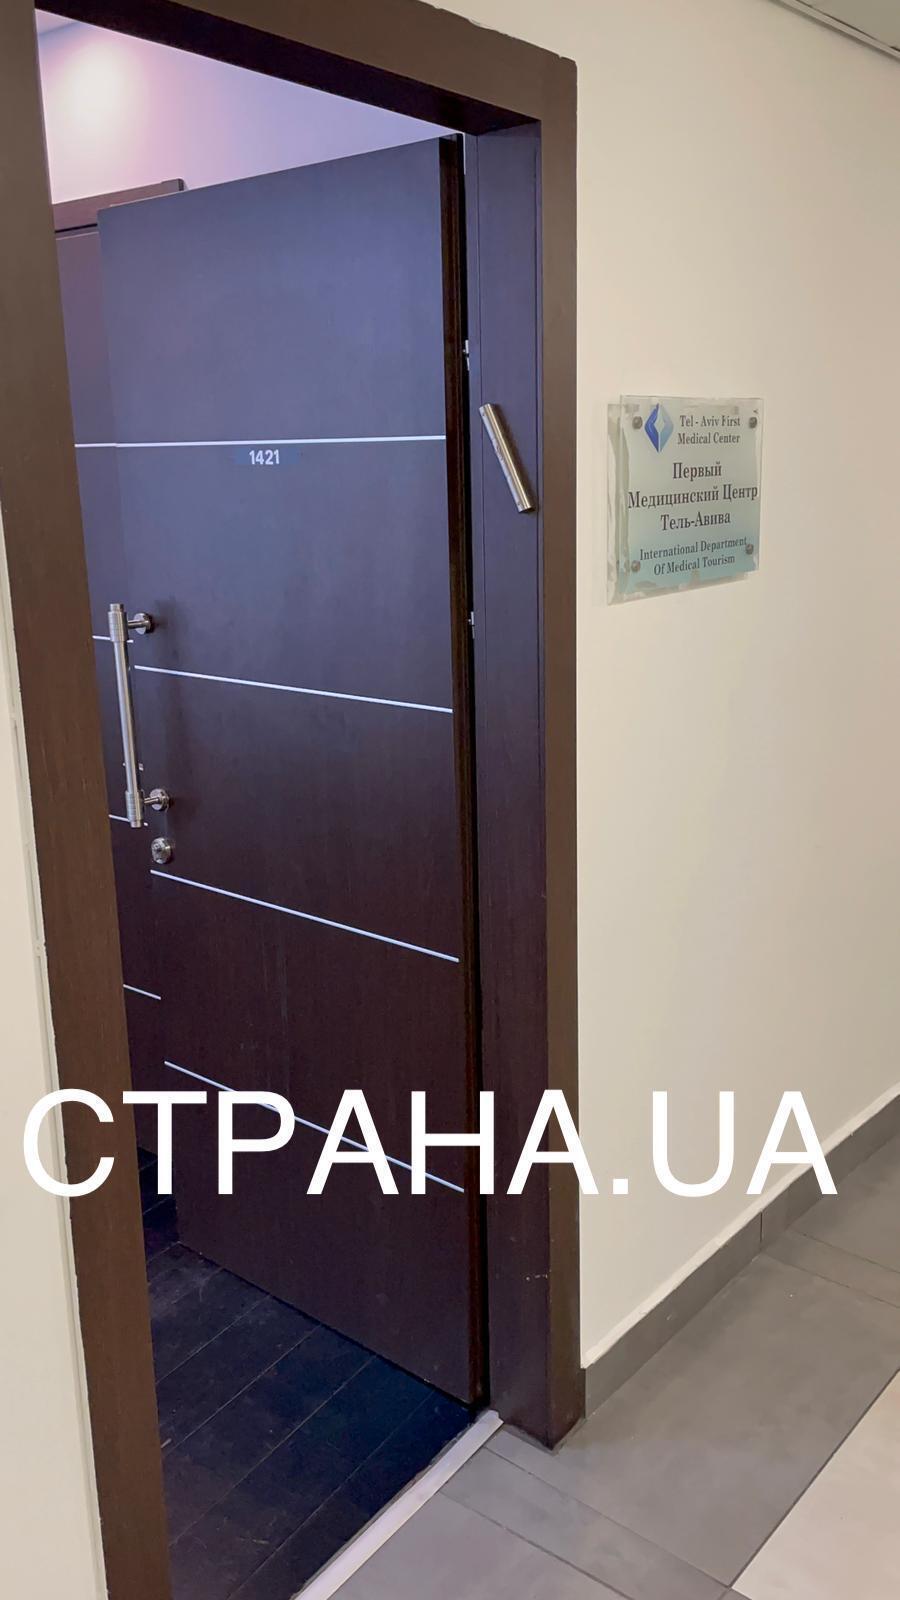 Первый медицинский центр Тель-Авива, которым руководит Роман Гольдман - не более, чем арендованный офис на две комнаты.